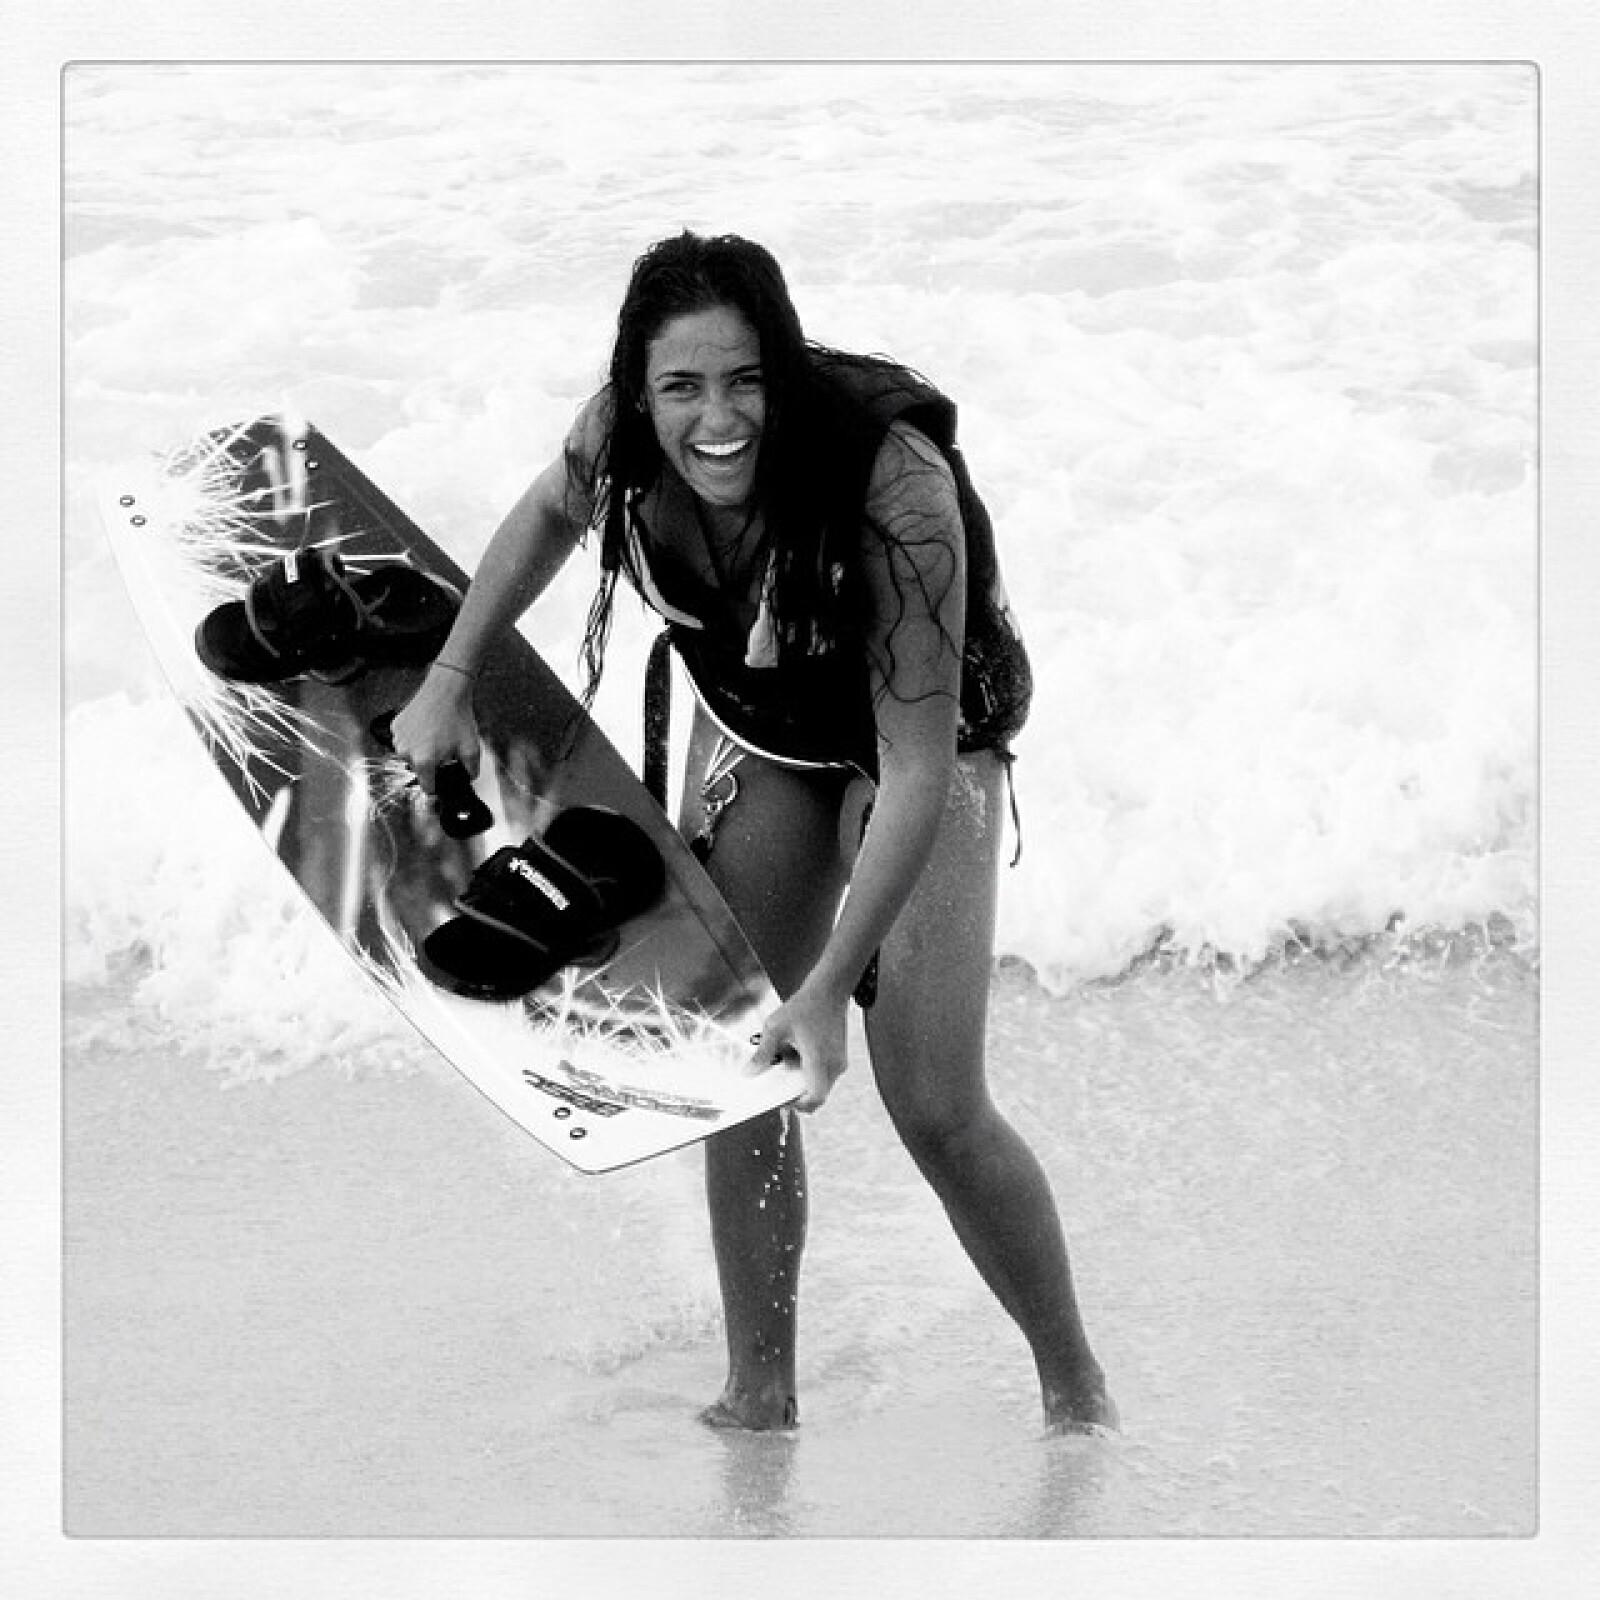 Cuando se trata del paddleboard, Alessandra domina las olas en Bora Bora.